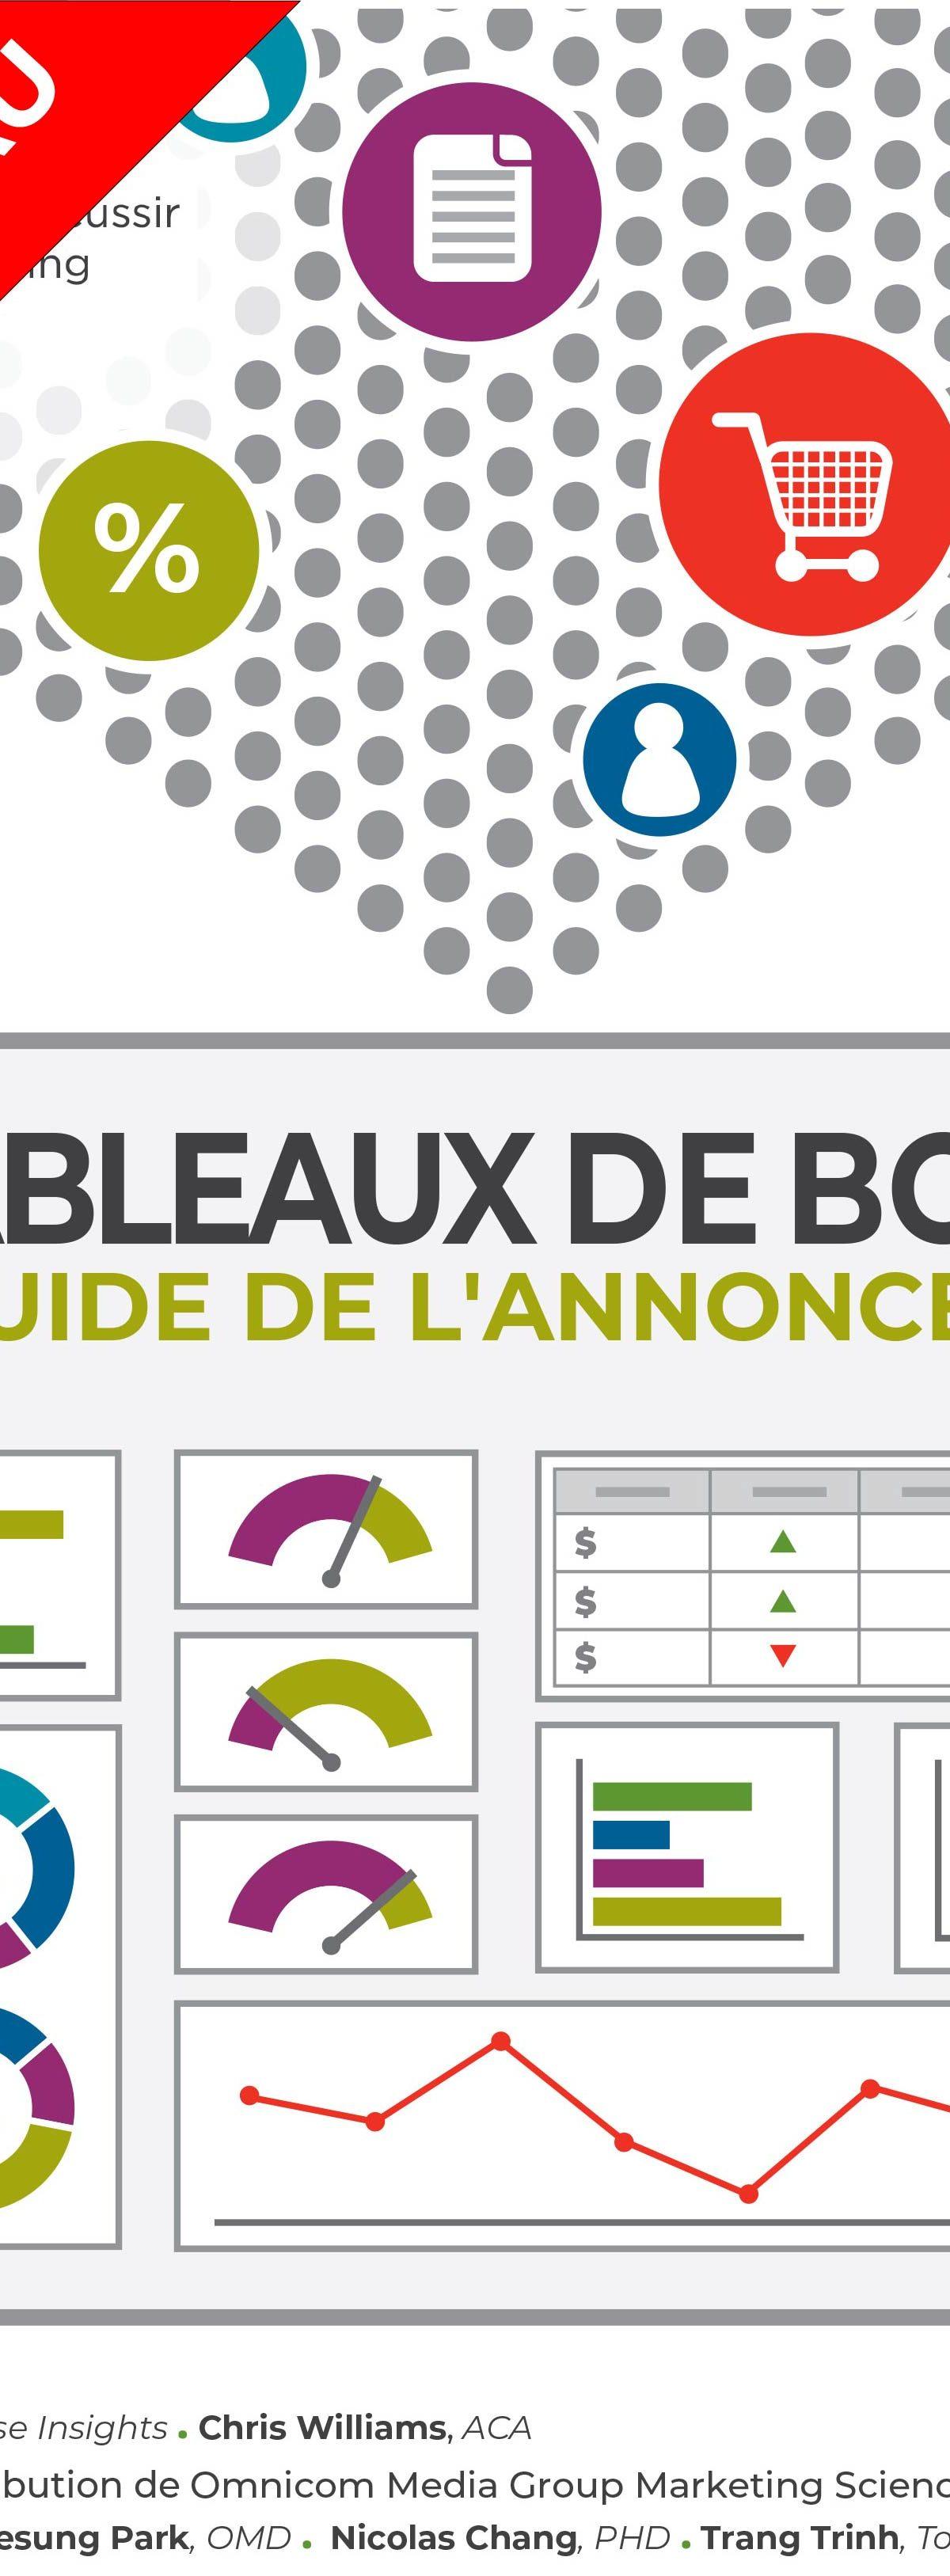 Tableaux de bord - Guide de l'annonceur (couverture)